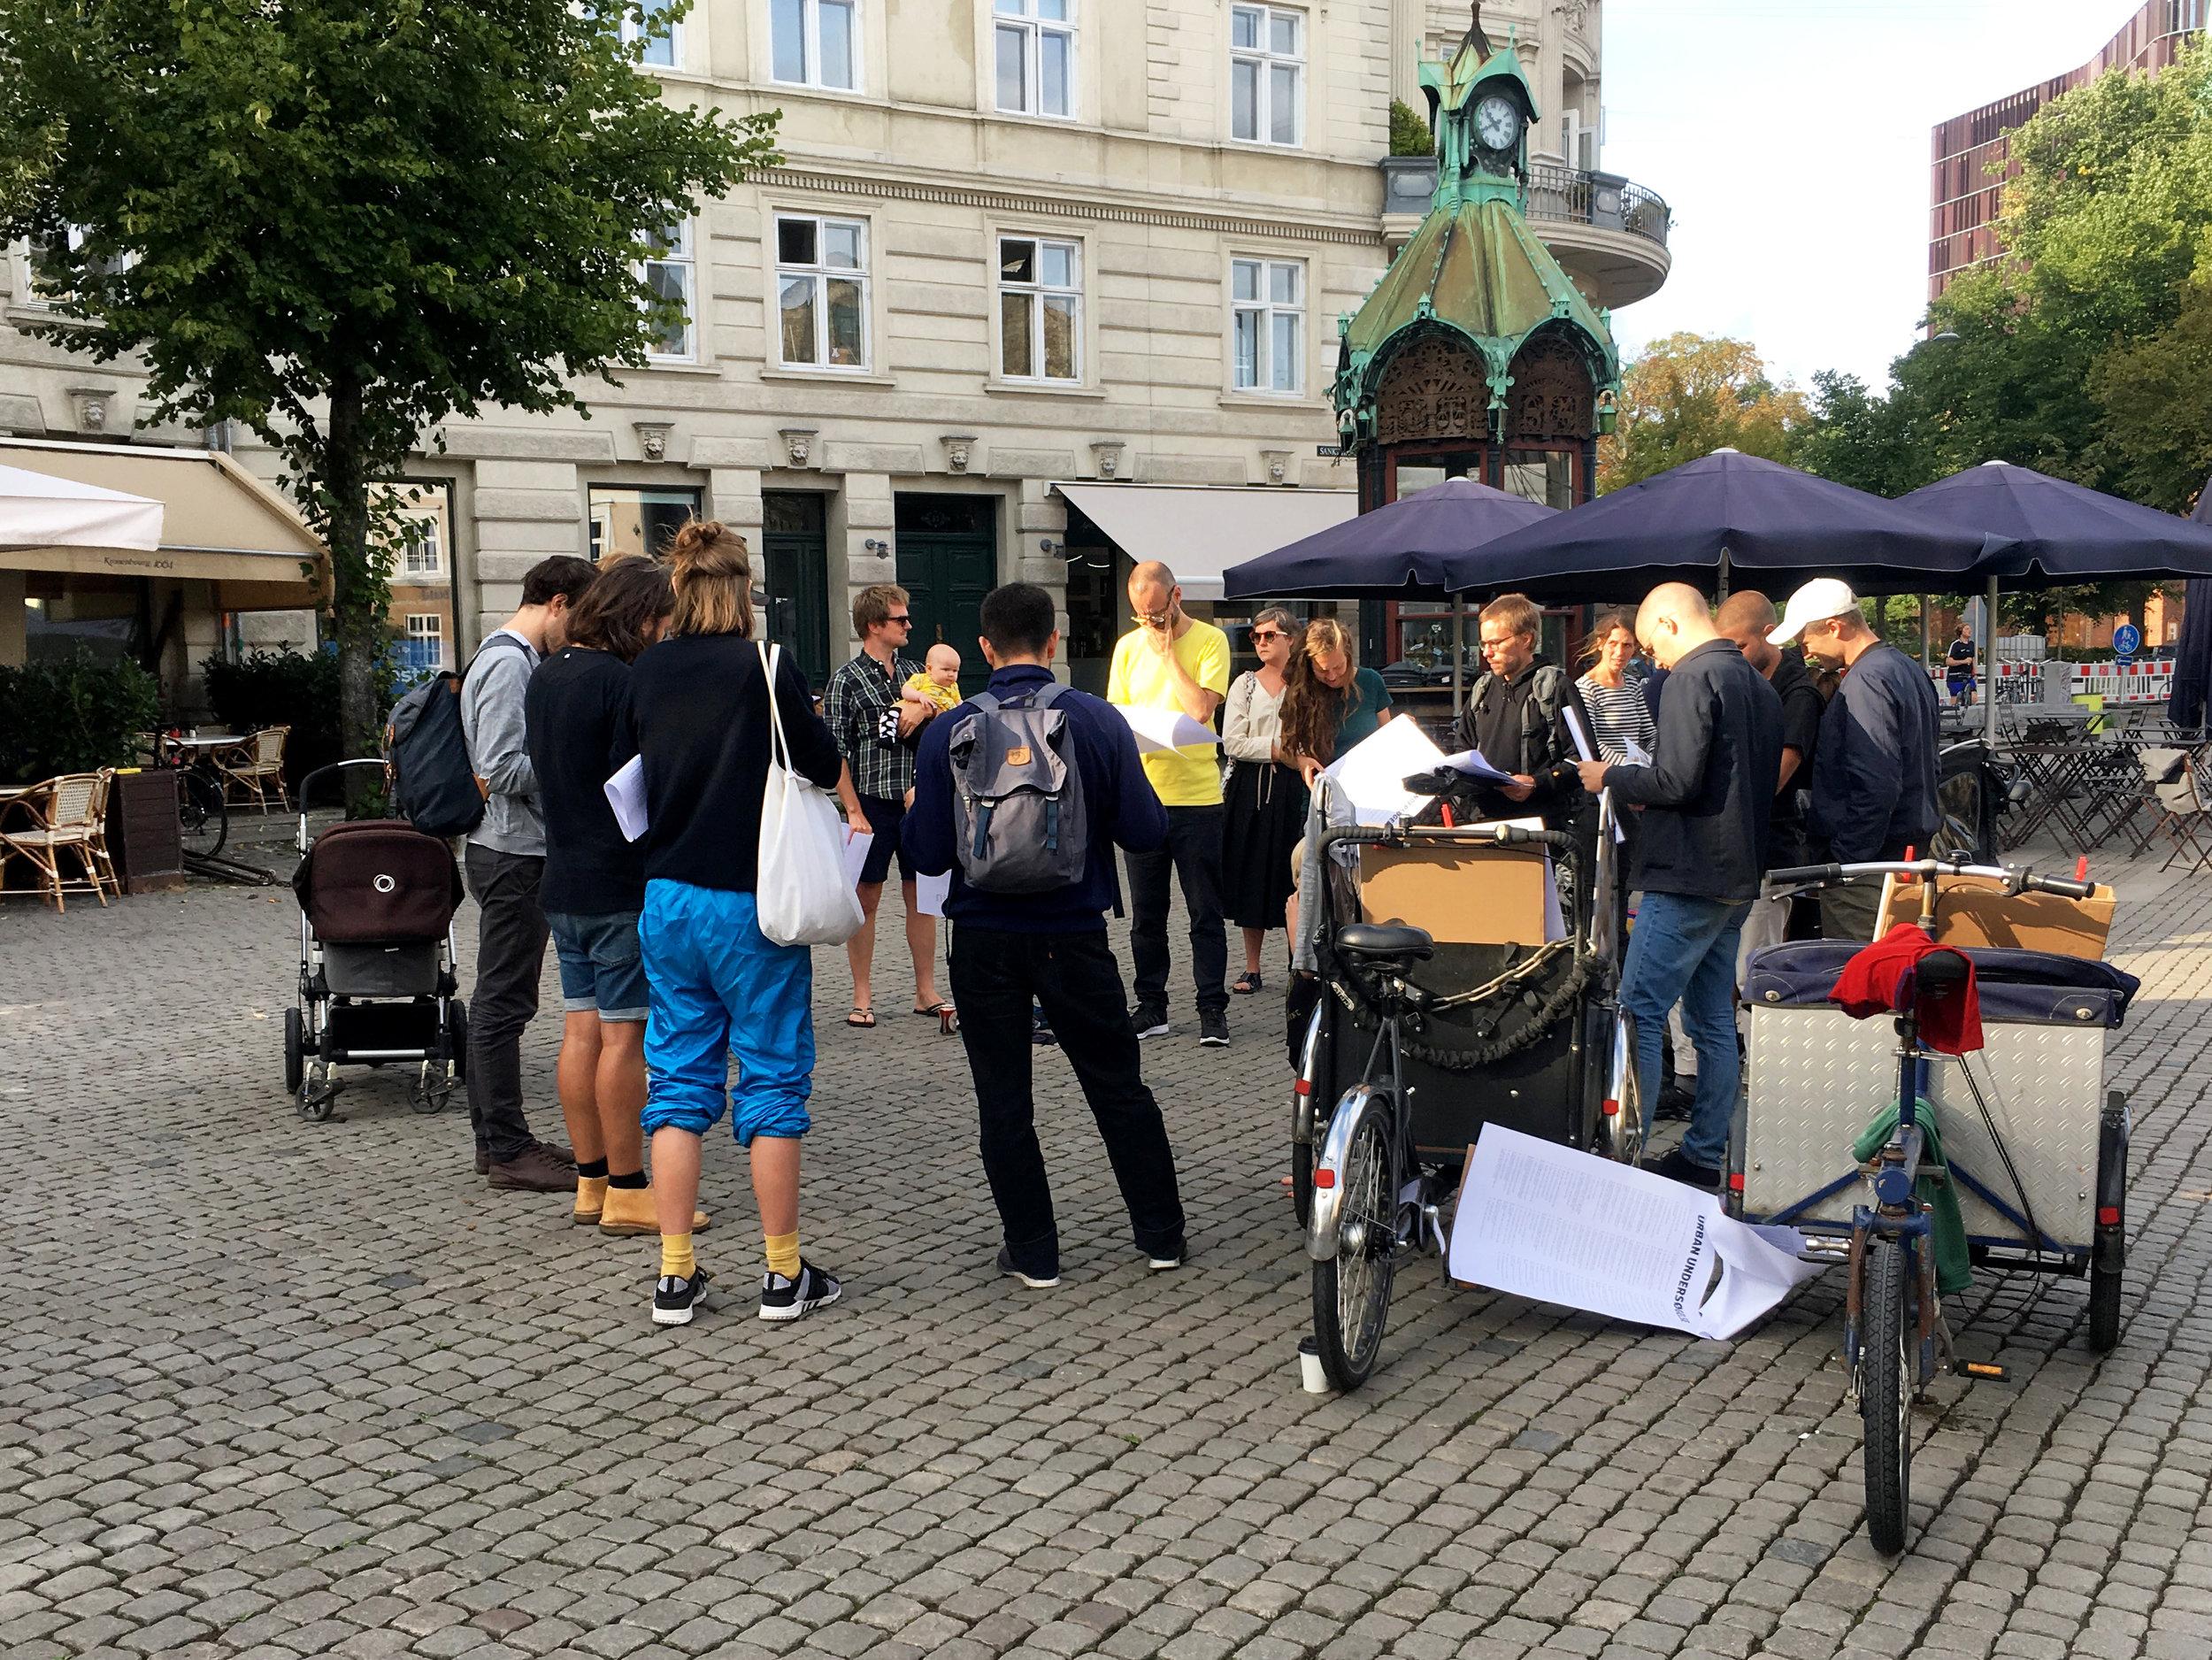 Frisk Flugt - Urban Undersøgelse, public reading at Sankt Hans torv, 2018